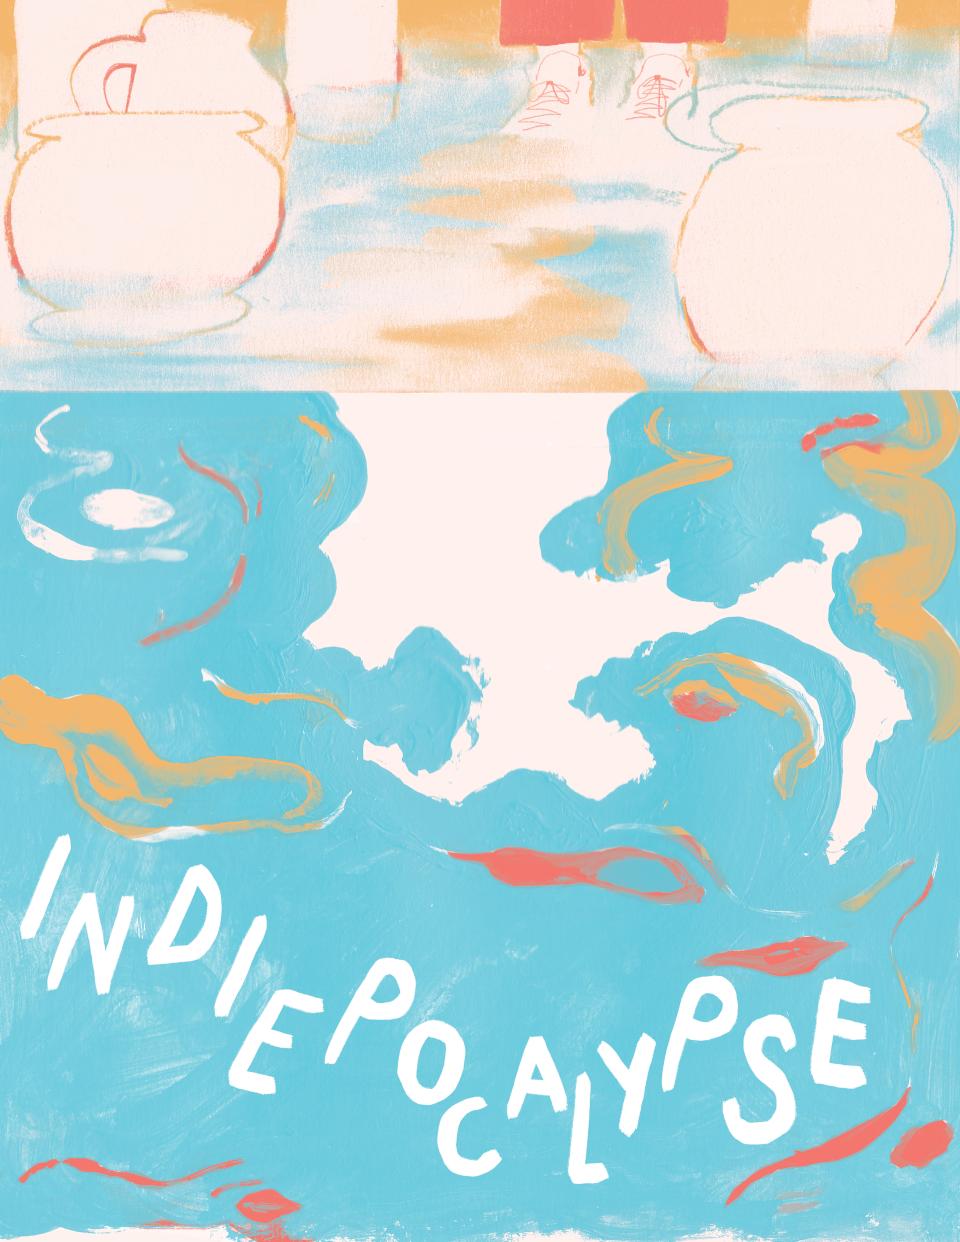 Indiepocalypse #17